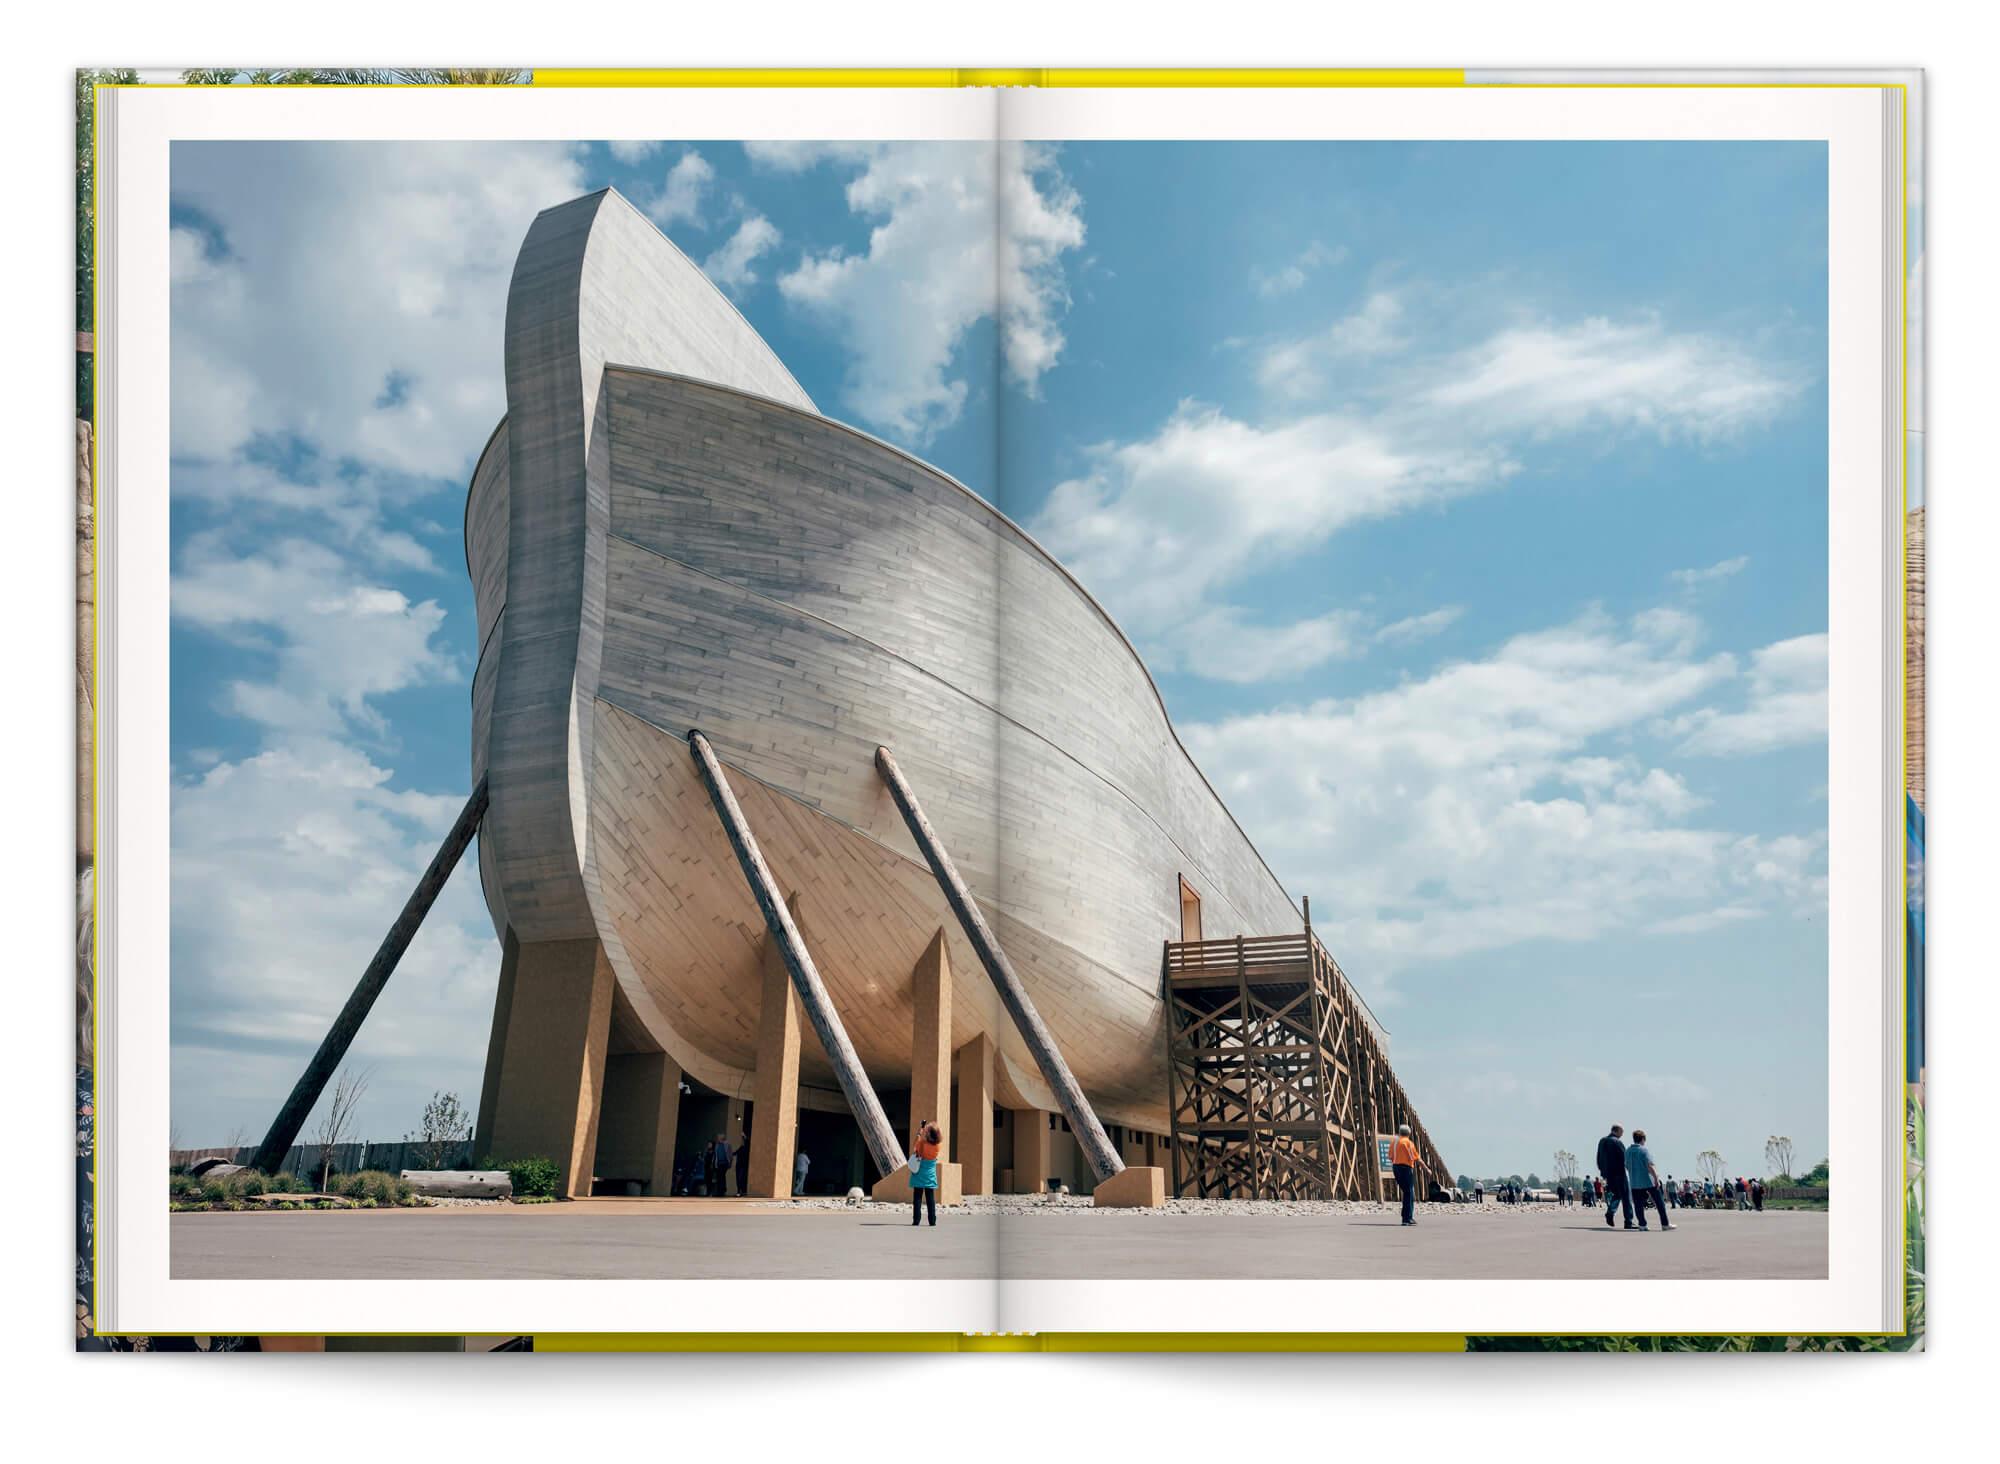 Photo de la réplique de l'arche de Noé au parc d'attractions Ark Encounter au USA.